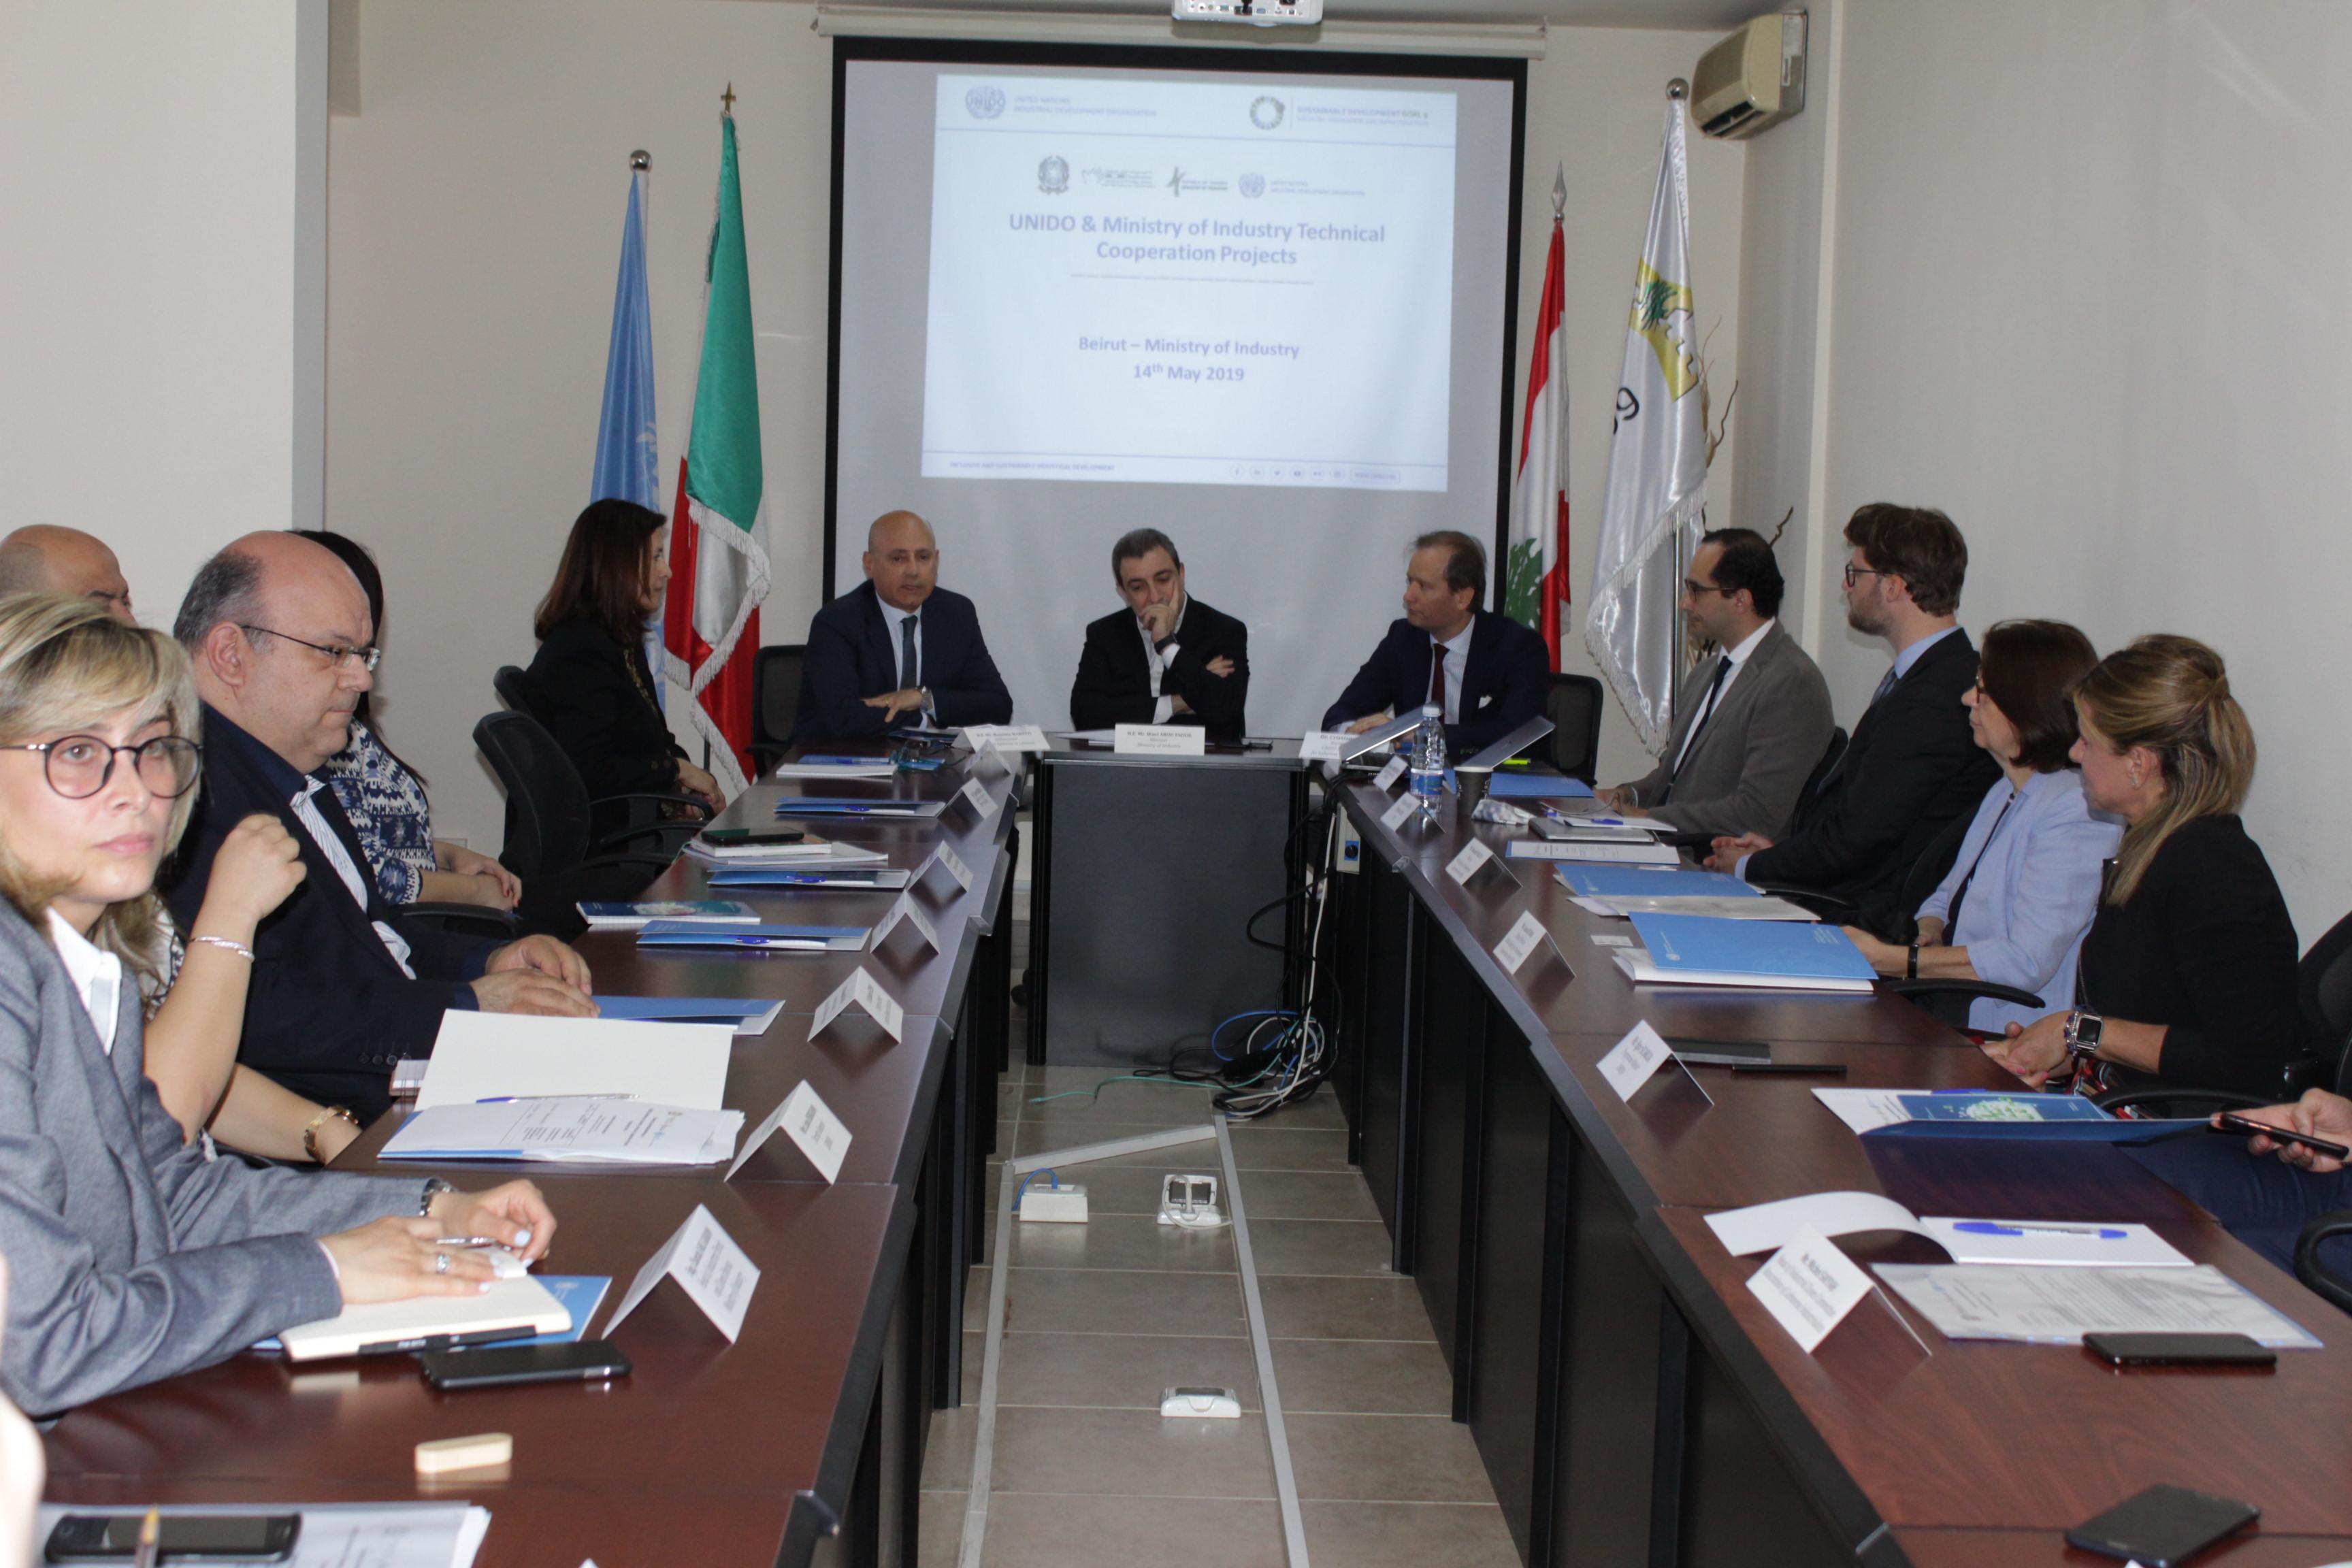 صورة اجتماع الوزير ابو فاعور والسفير الايطالي  في الاجتماع مع يونيدو